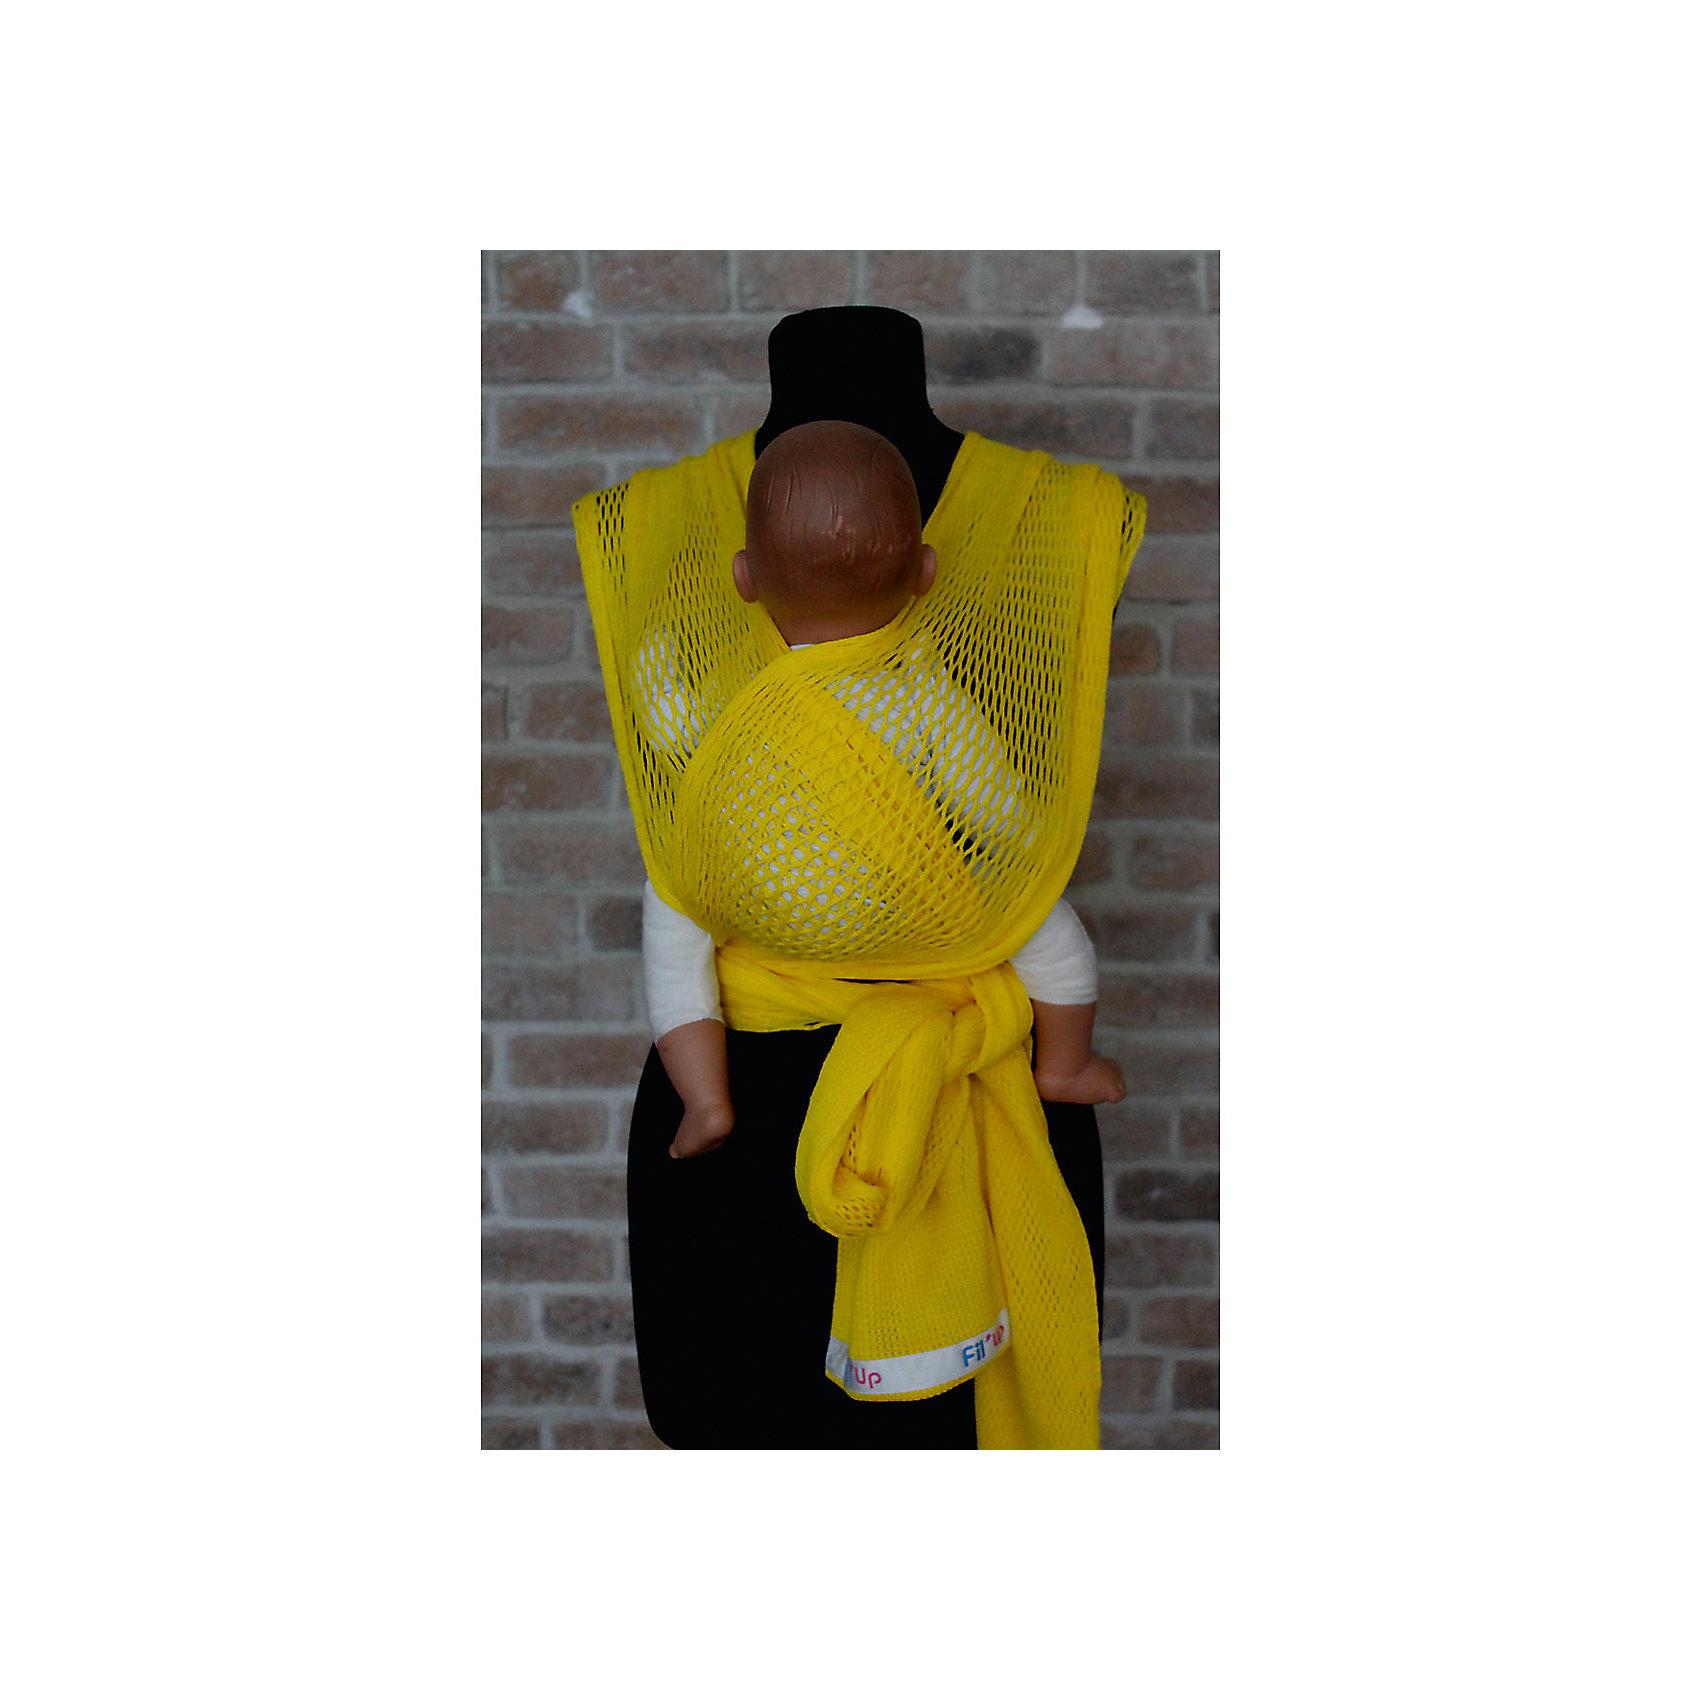 Слинг-шарф из хлопка плетеный размер l-xl, Филап, Filt, желтыйСлинги и рюкзаки-переноски<br><br><br>Ширина мм: 800<br>Глубина мм: 800<br>Высота мм: 50<br>Вес г: 500<br>Возраст от месяцев: 0<br>Возраст до месяцев: 12<br>Пол: Унисекс<br>Возраст: Детский<br>SKU: 5445097